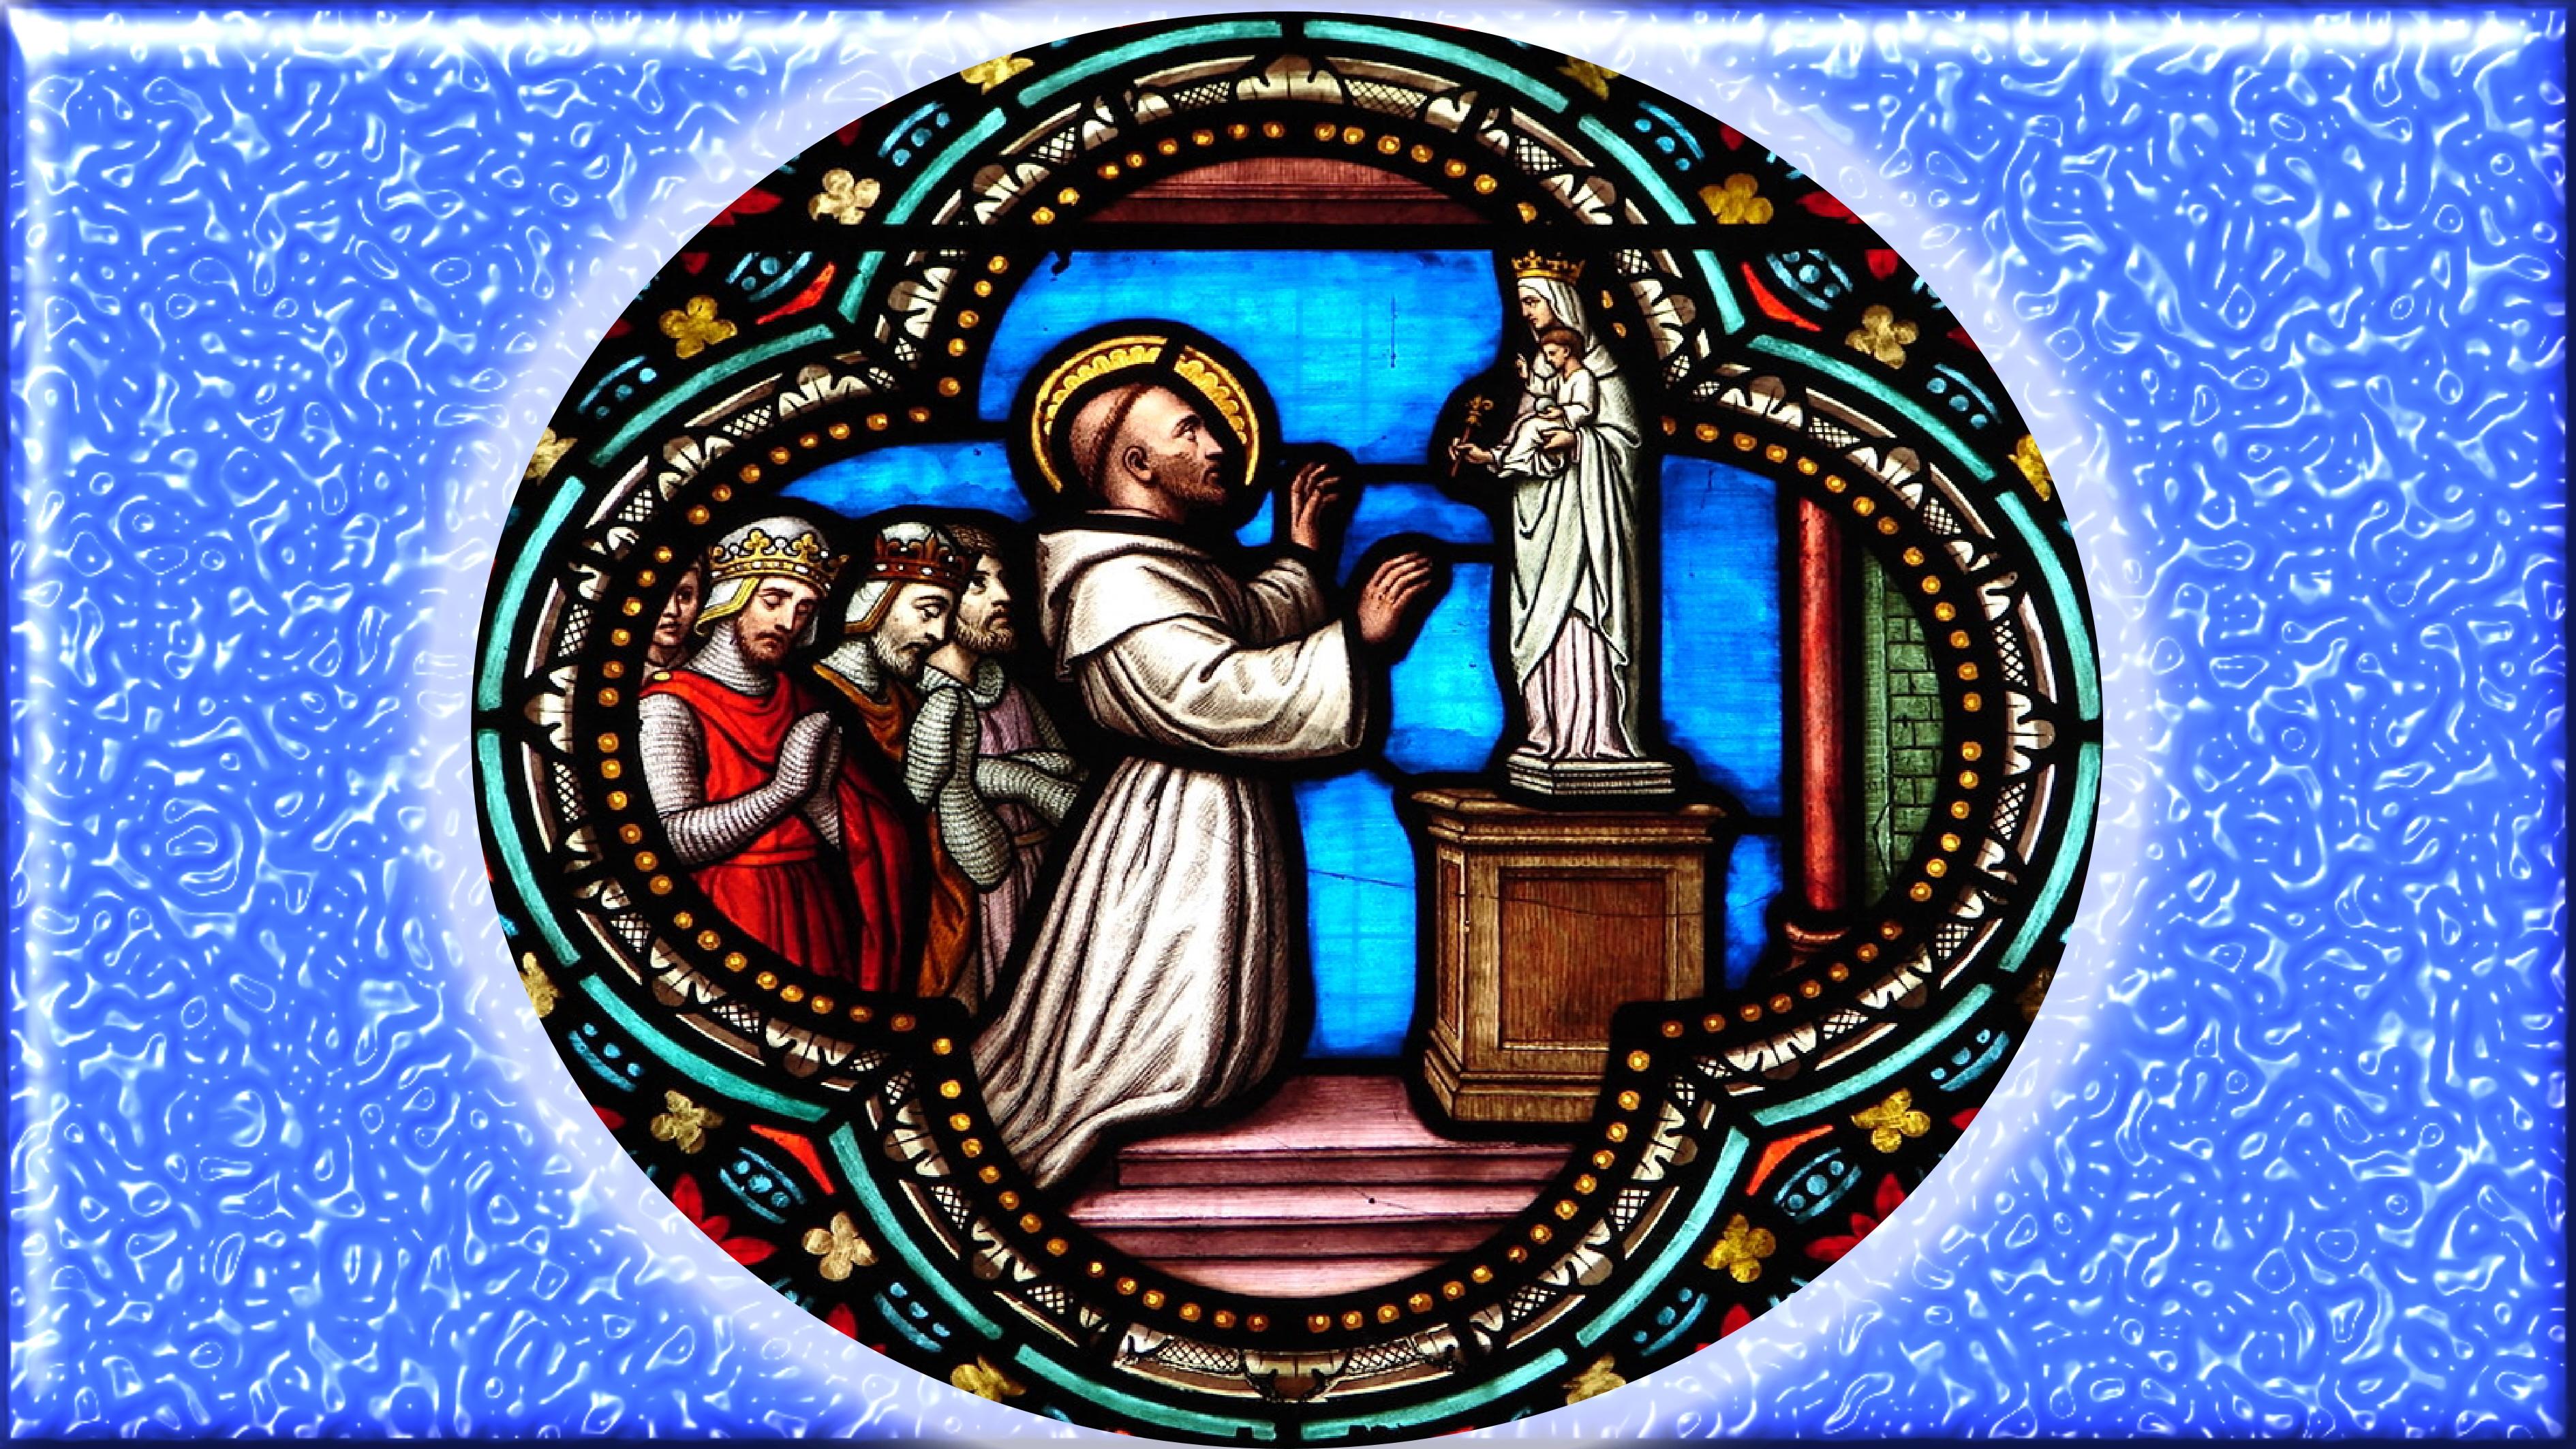 CALENDRIER CATHOLIQUE 2019 (Cantiques, Prières & Images) - Page 6 St-bernard-567bd22